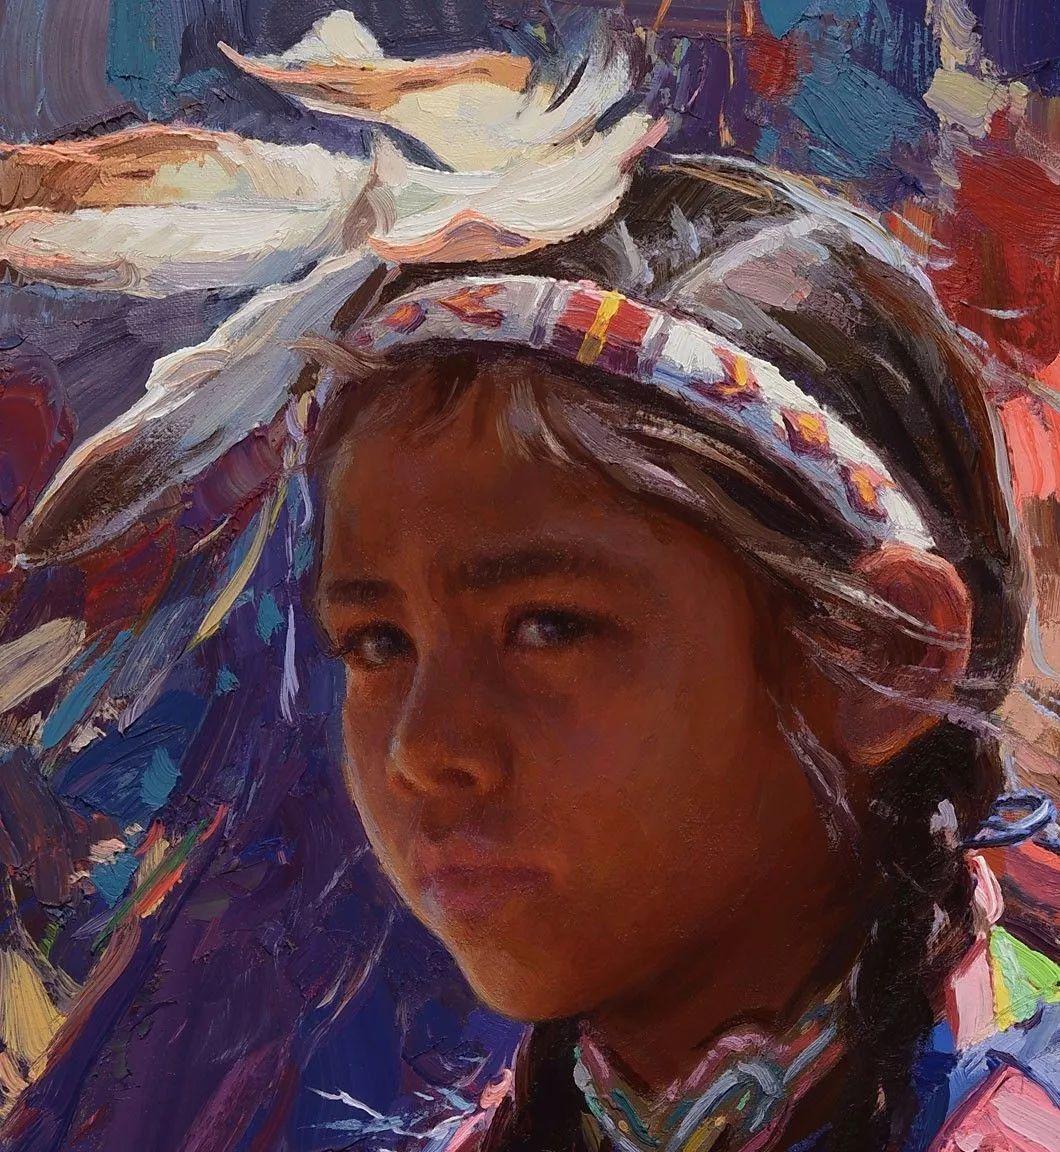 人物油画欣赏 美国画家Scott burdick插图24